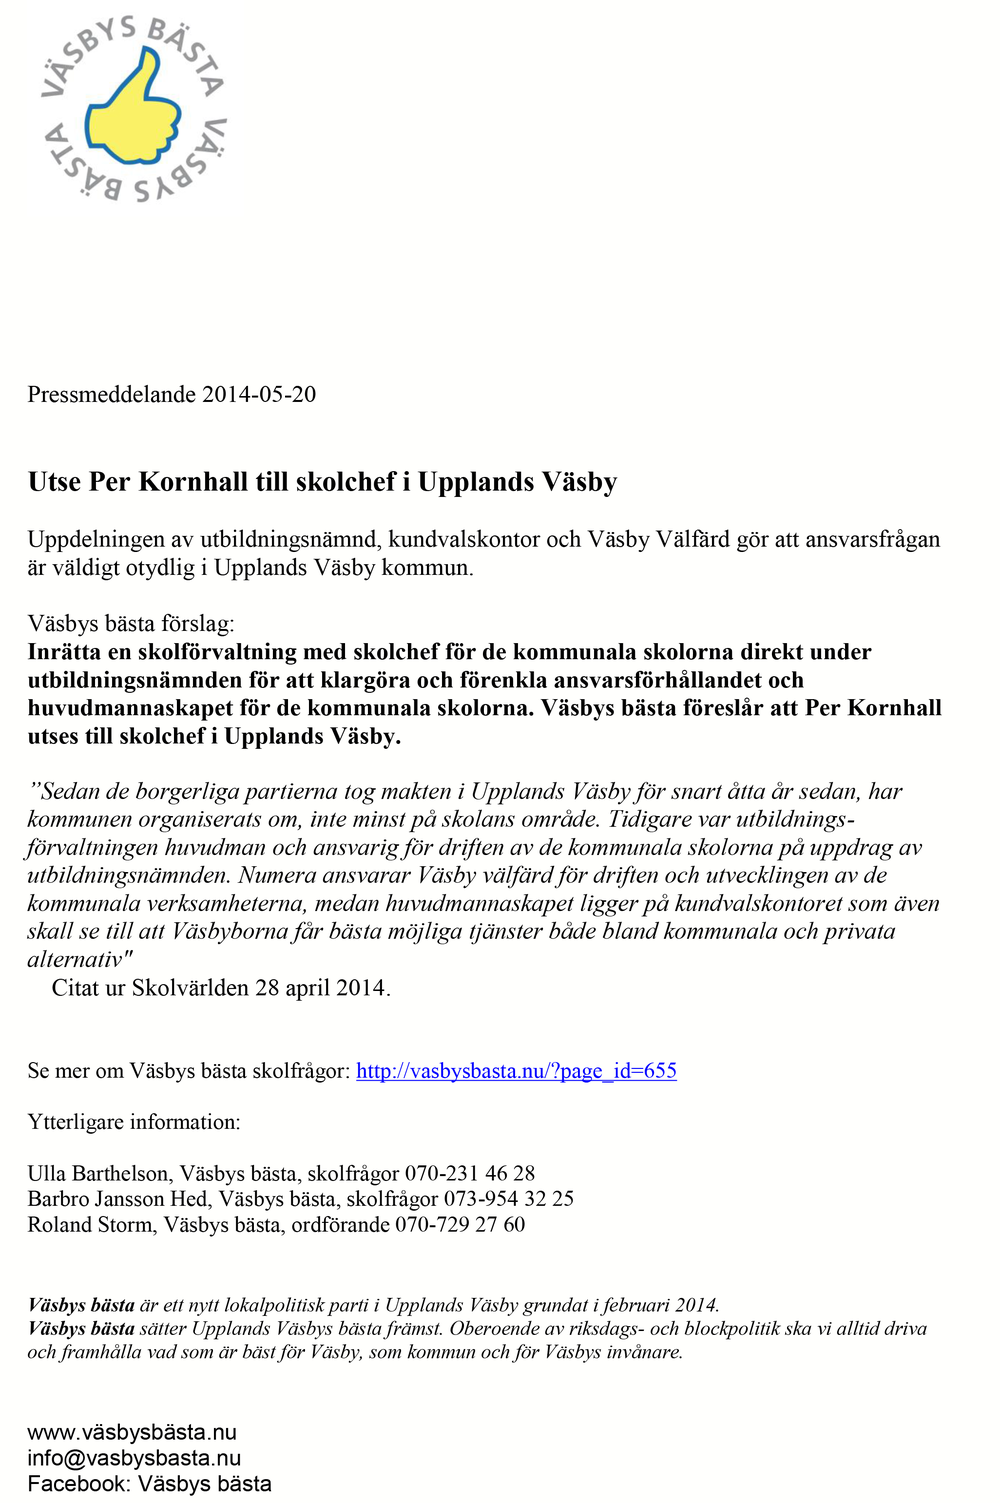 2014-05-20 Pressmeddelande Utse Per Kornhall till skolchef kopiera.png